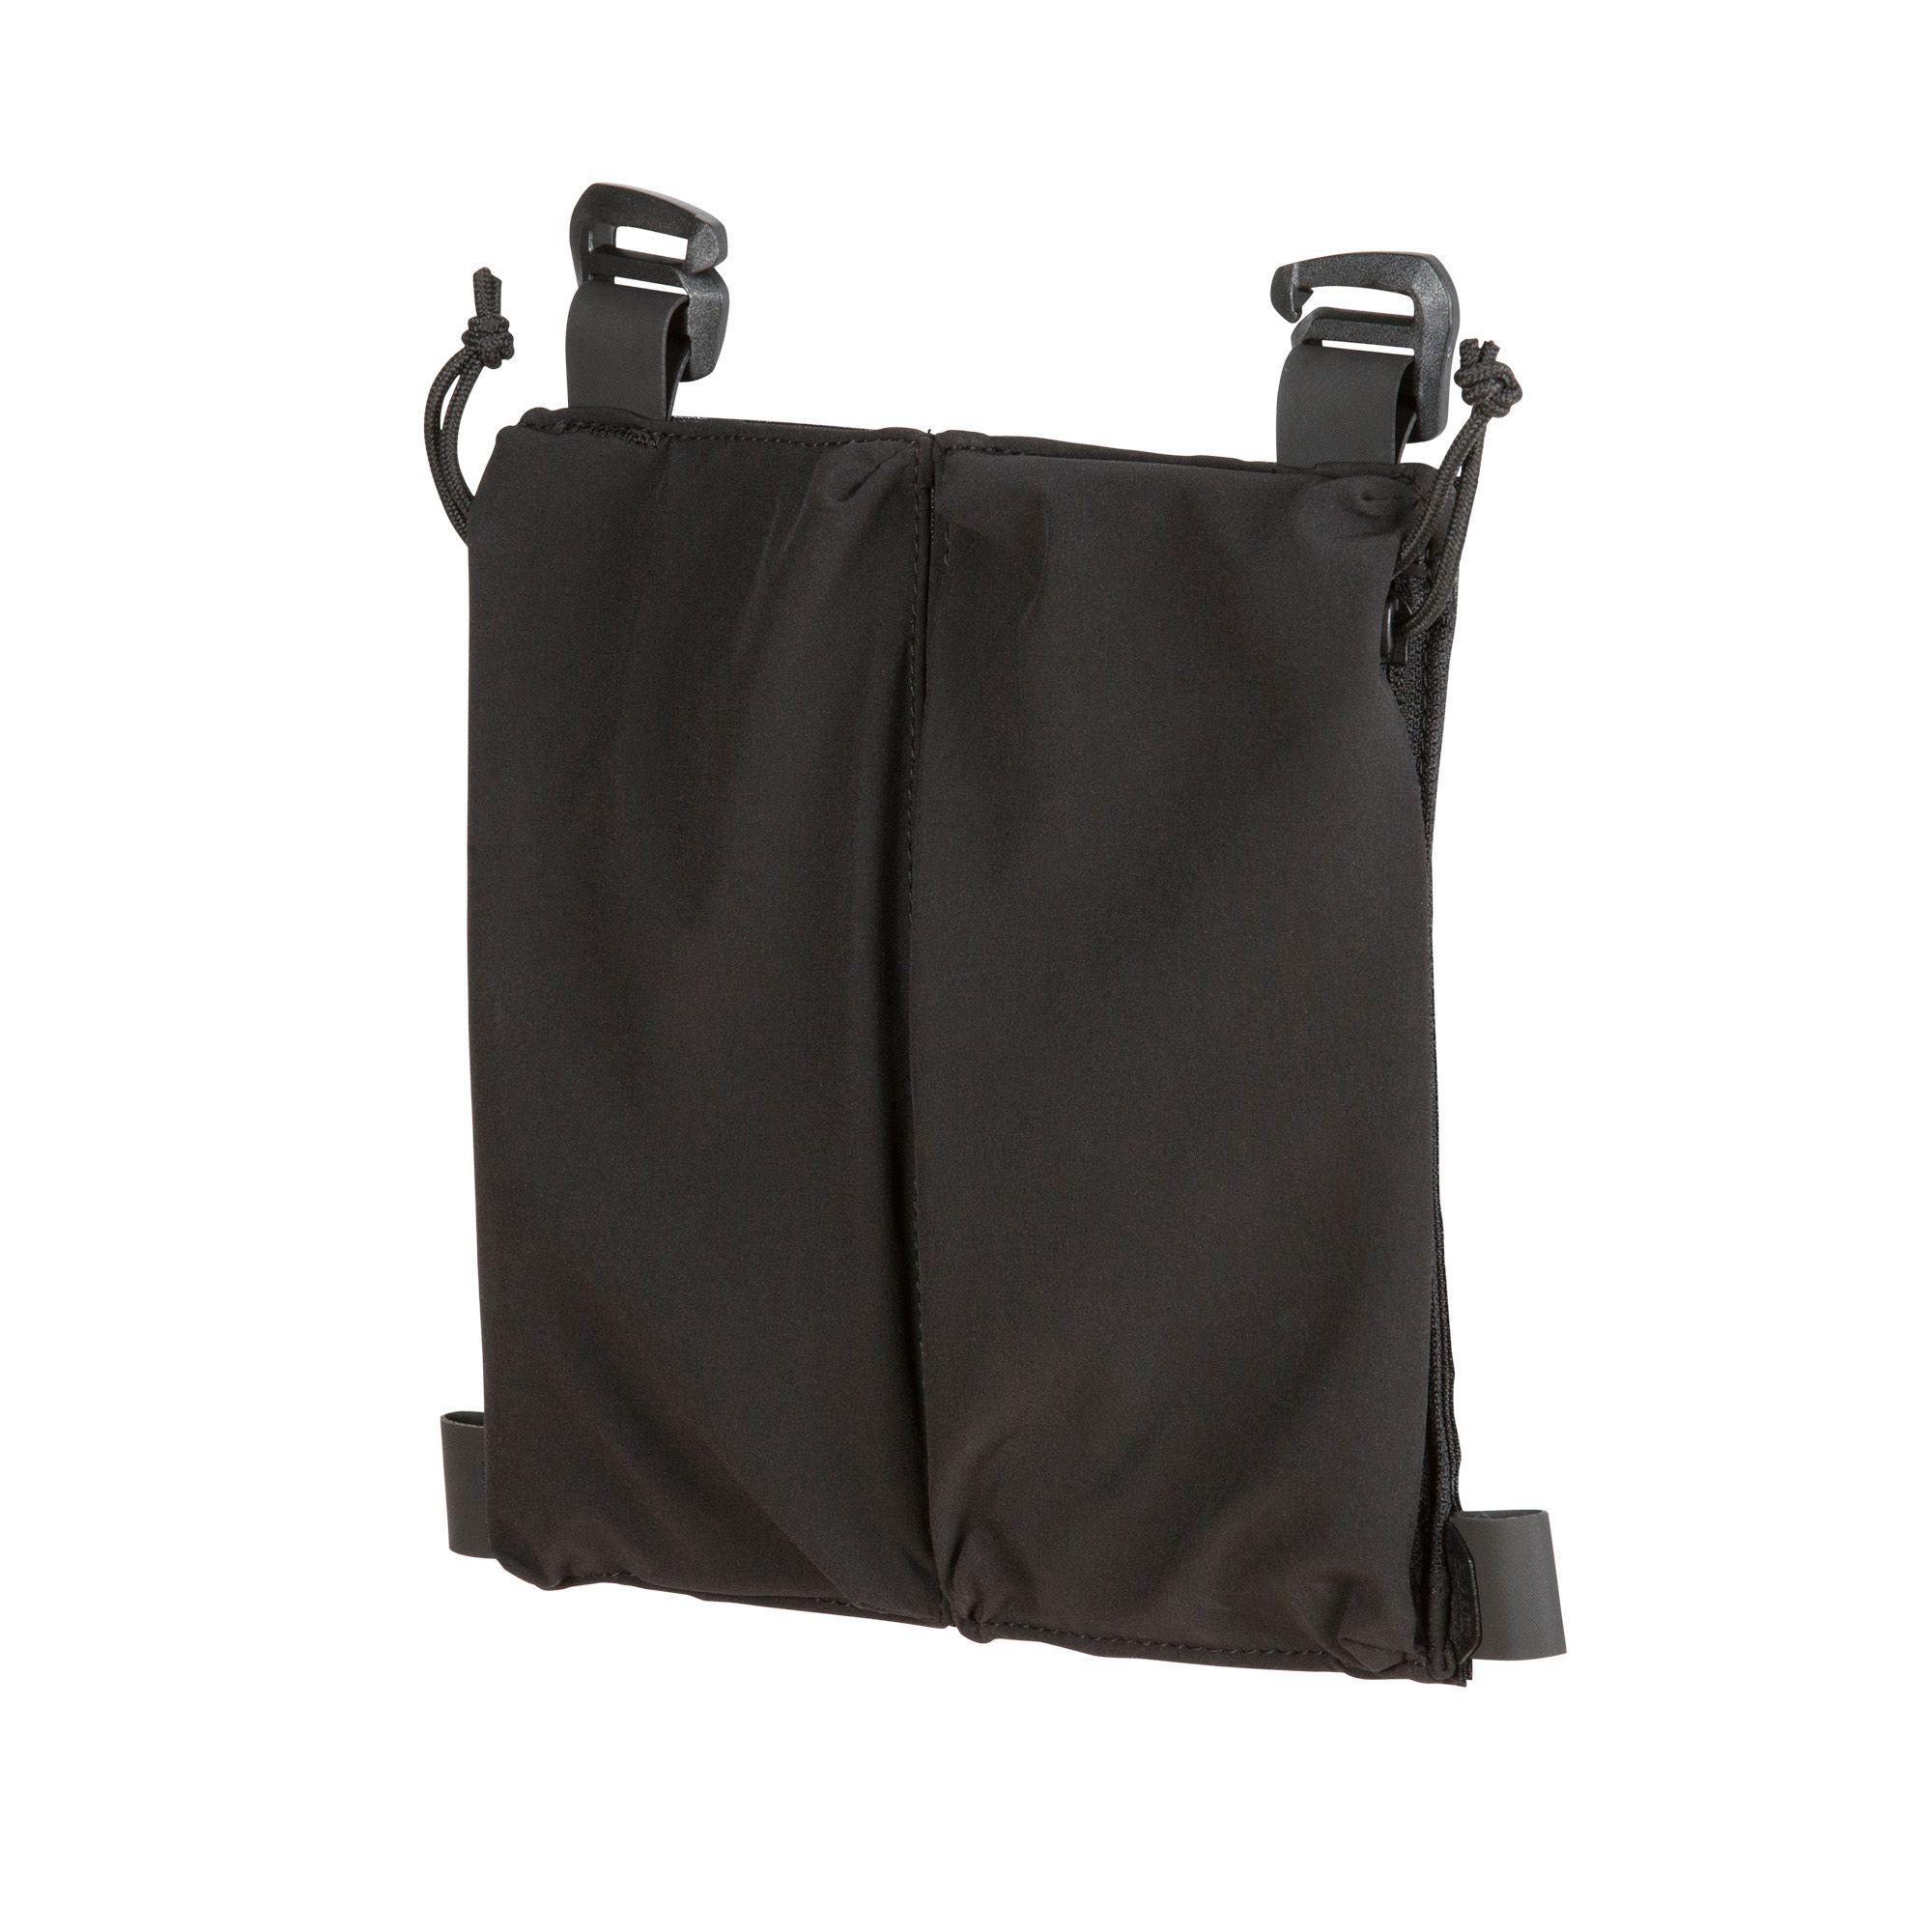 Pouch DOUBLE DEPLOY GEAR SET – Black